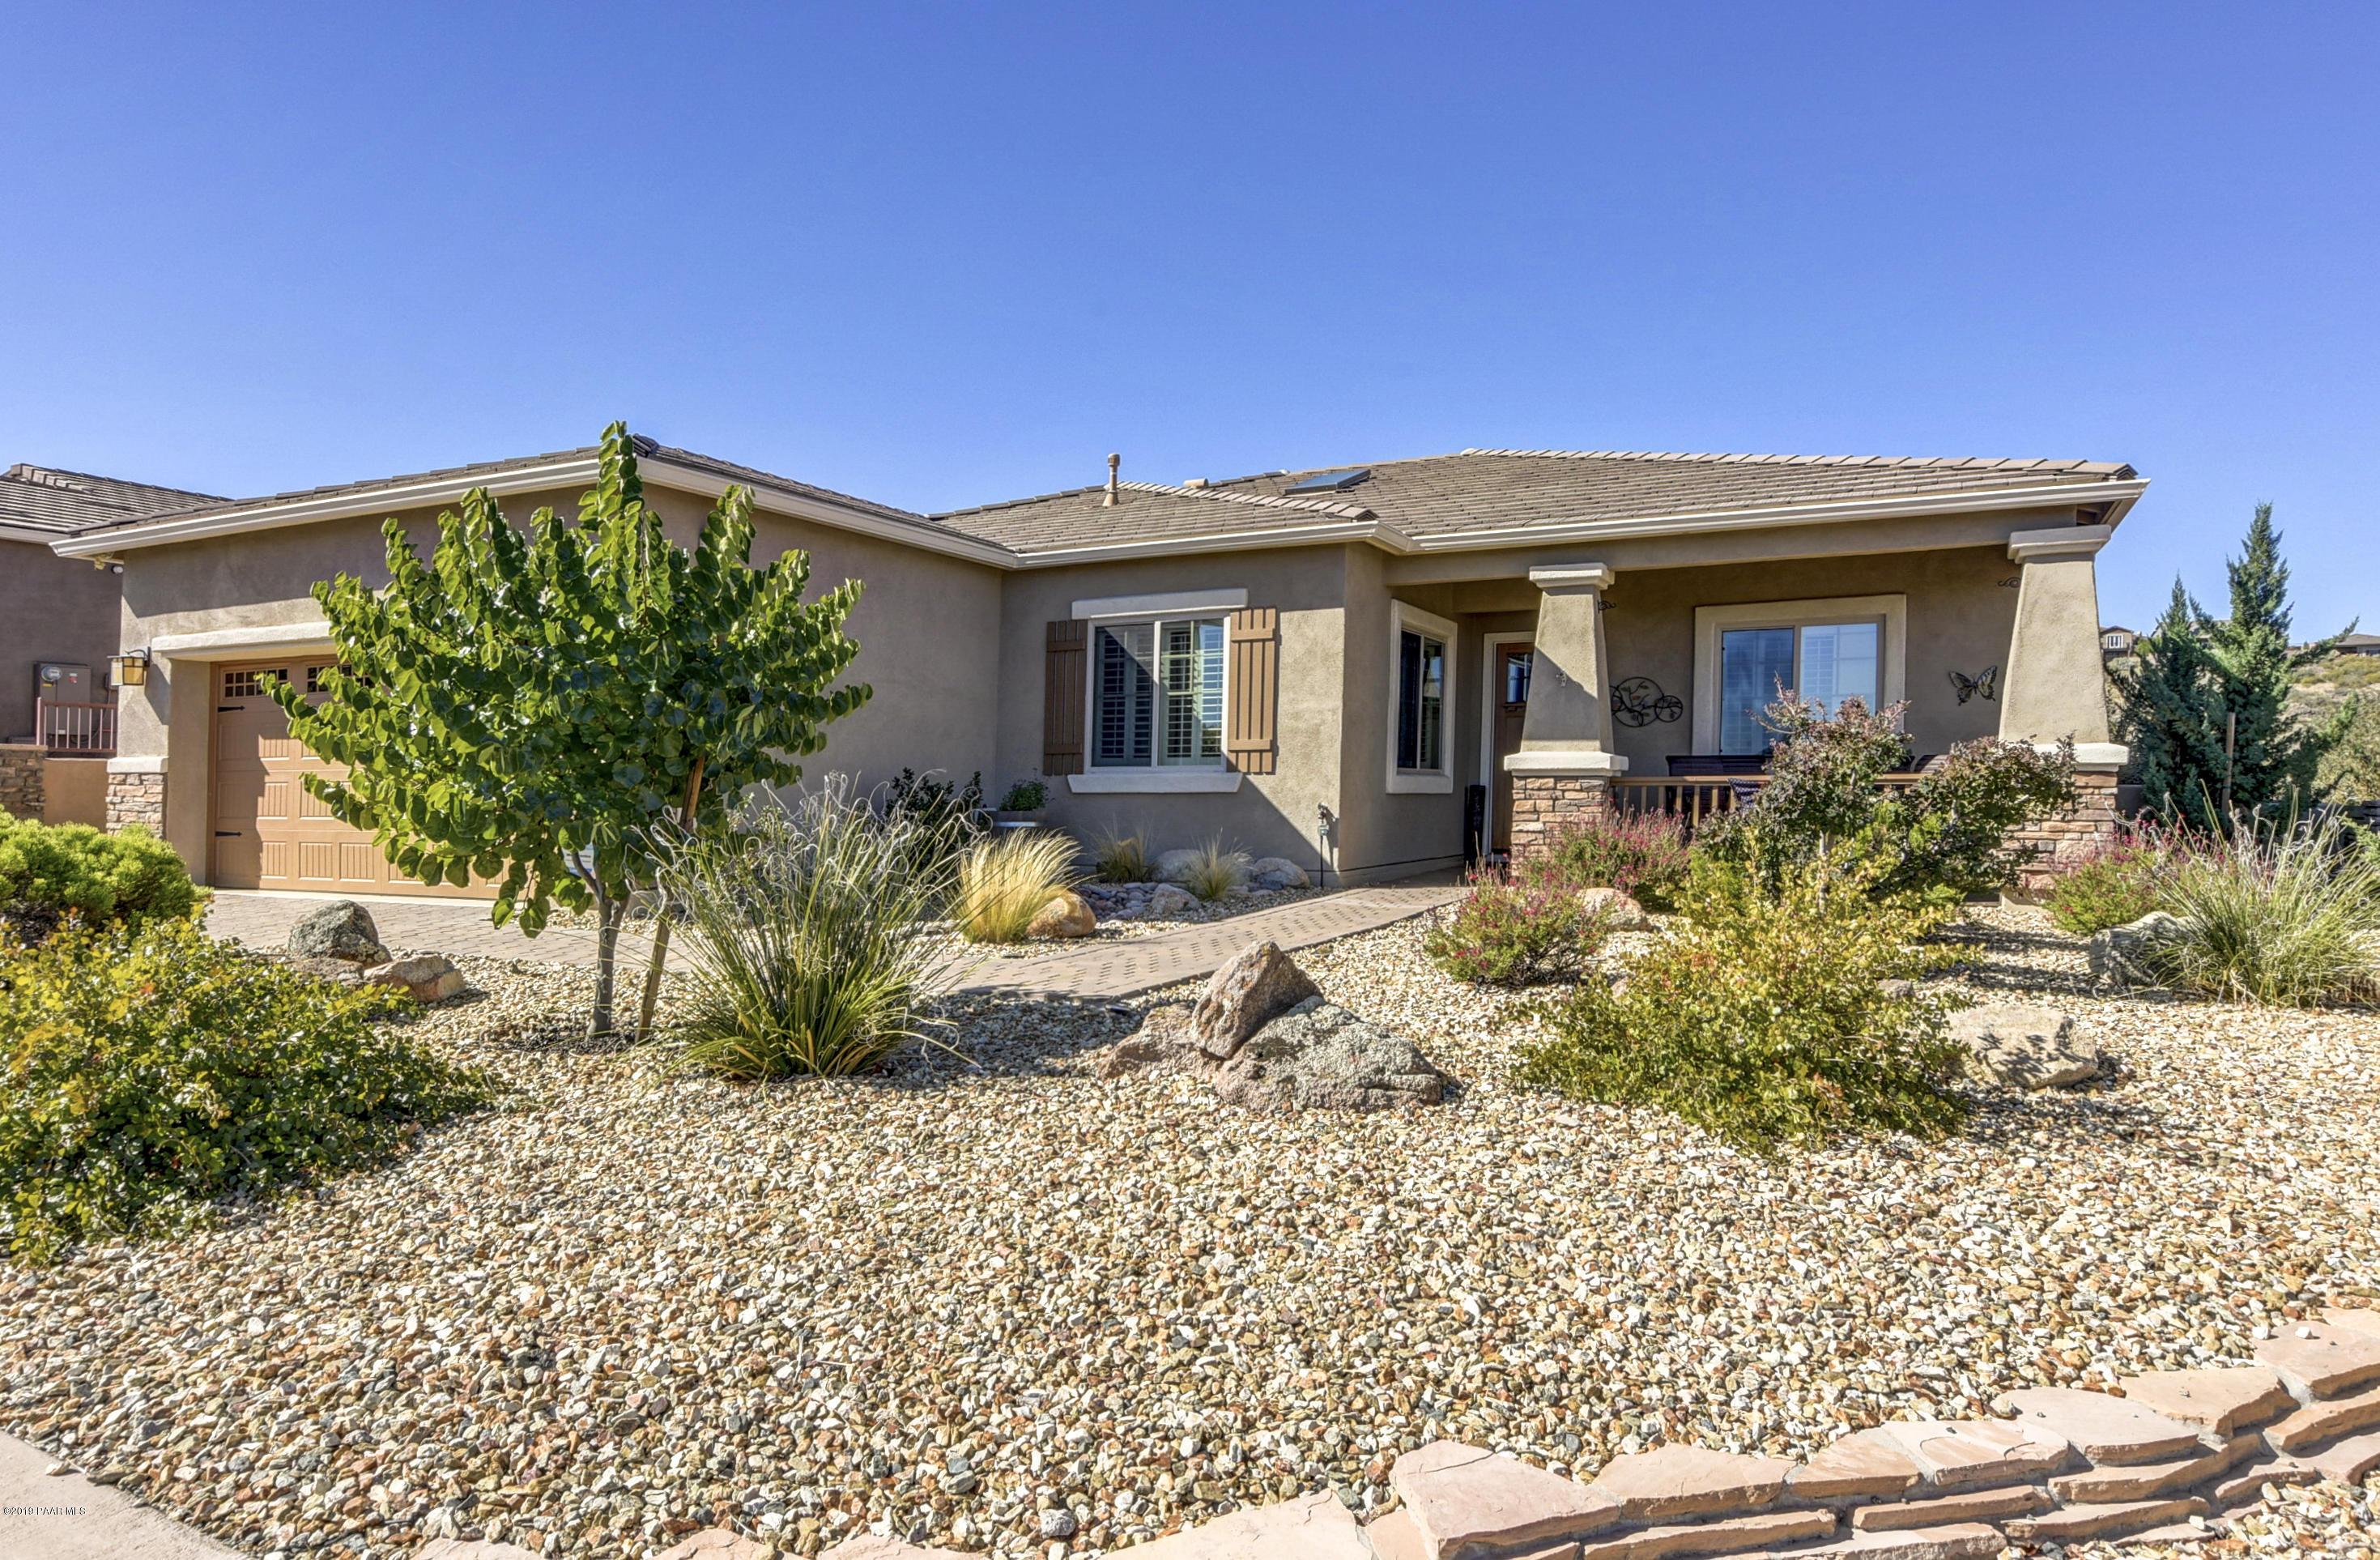 Photo of 1258 Sarafina, Prescott, AZ 86301